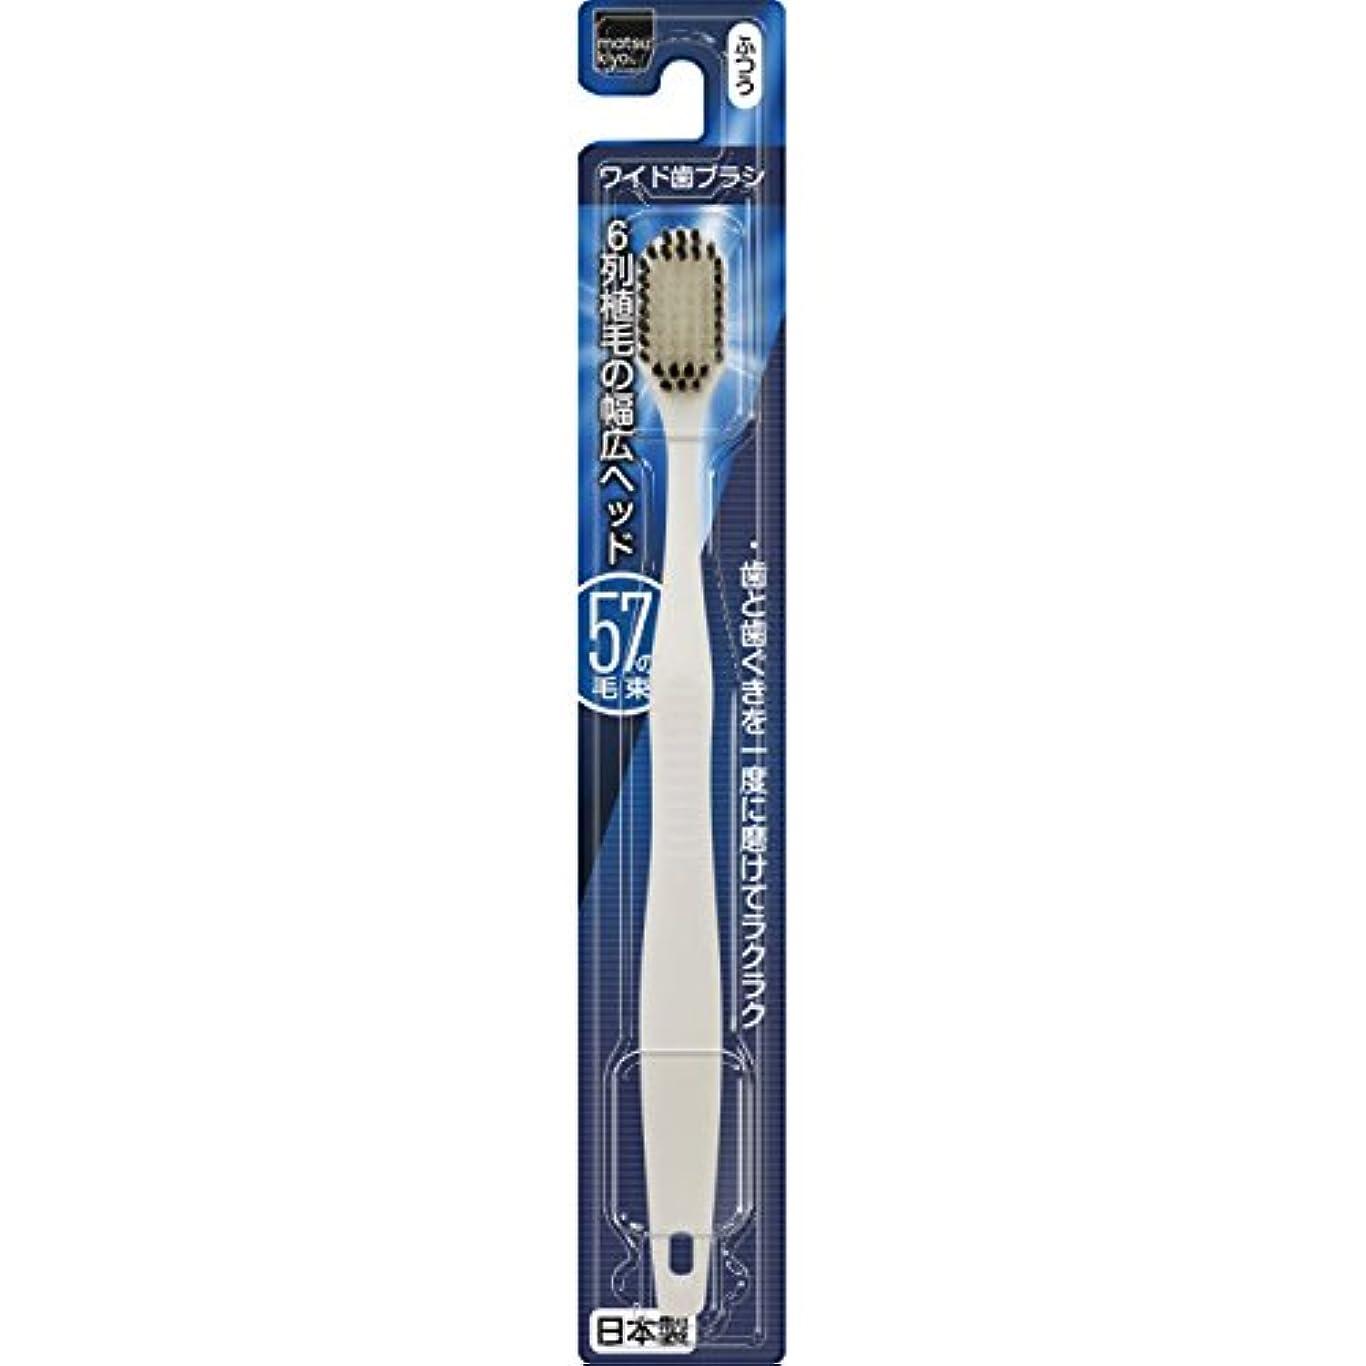 時代遅れ取り扱い好意的matsukiyo ワイド歯ブラシ ふつう